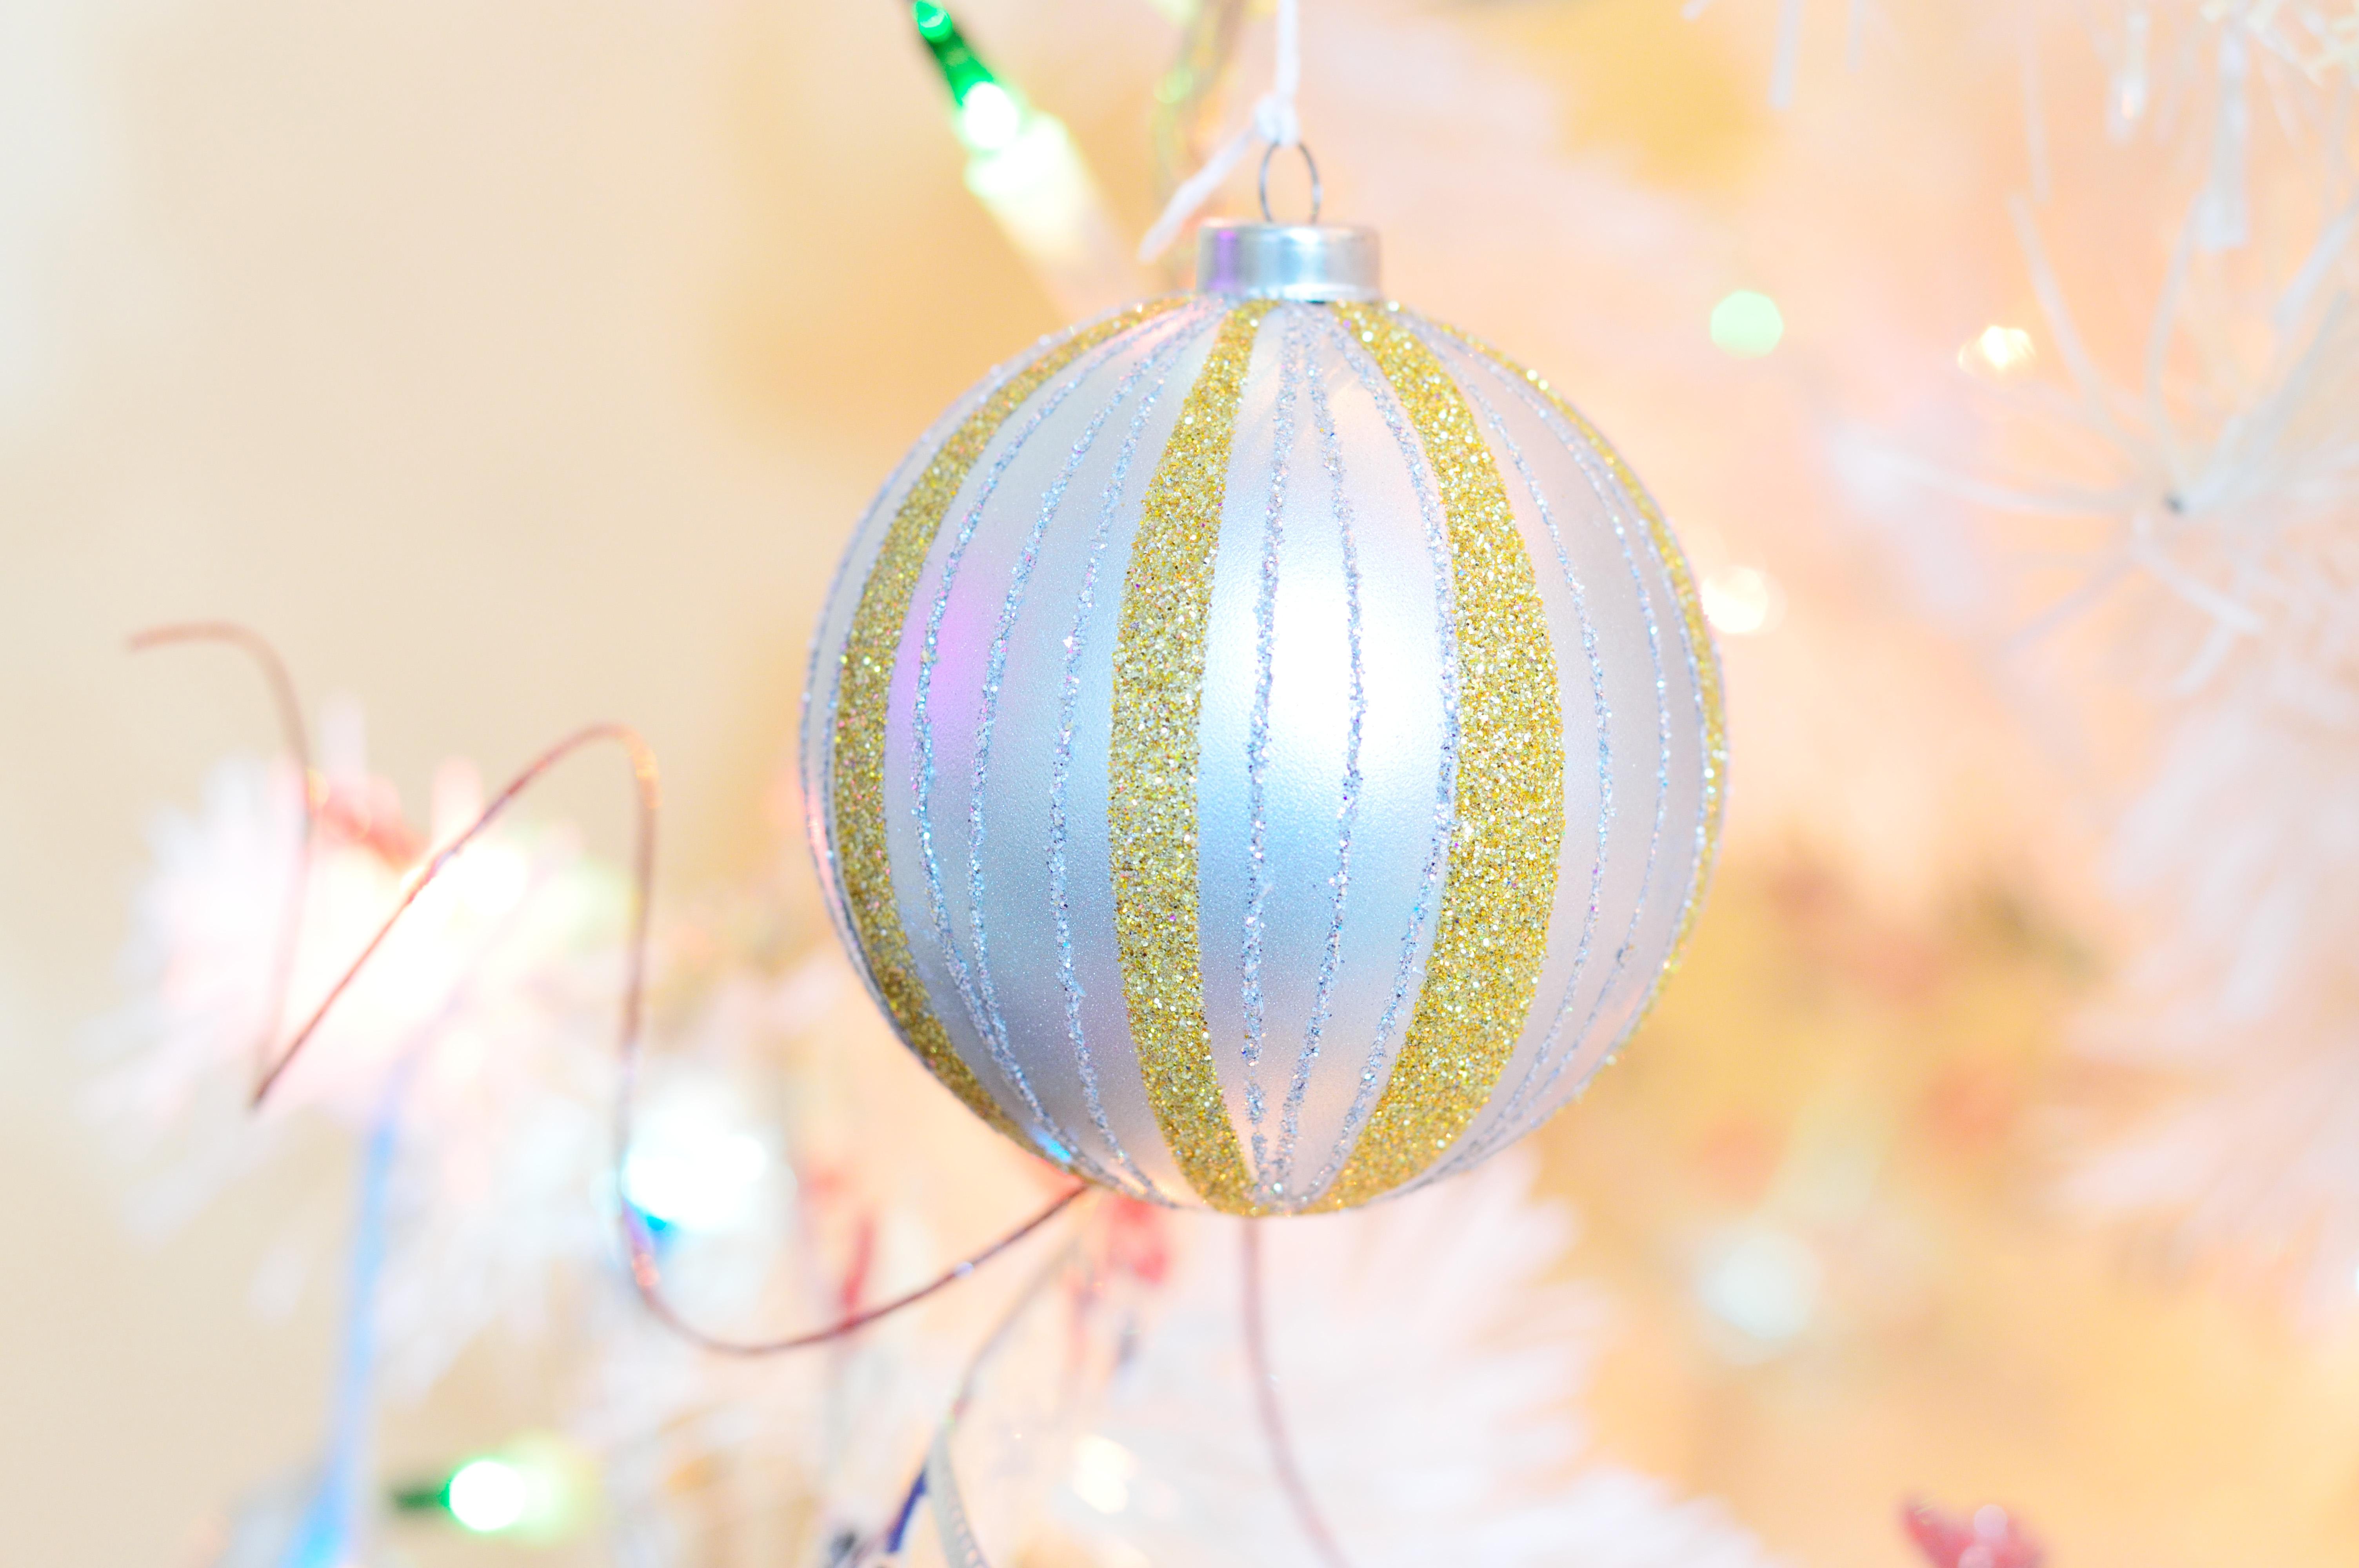 Free Images Branch Snow Blur White Leaf Round Flower